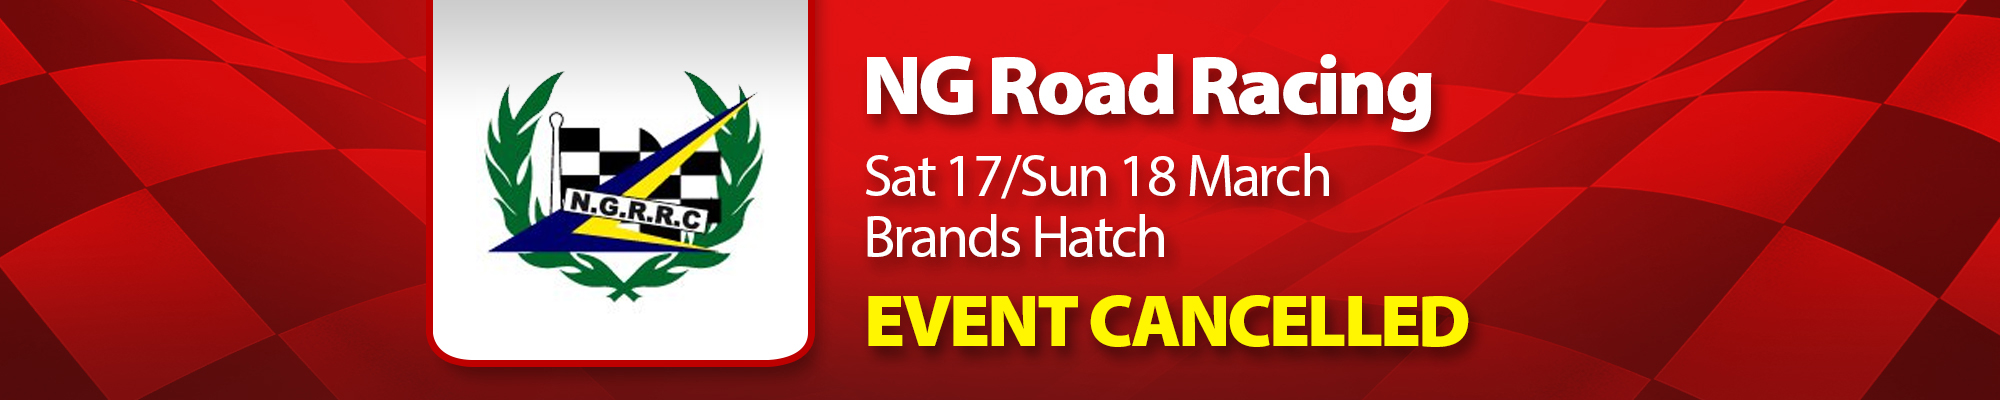 NG Road Racing Bike Club Championships